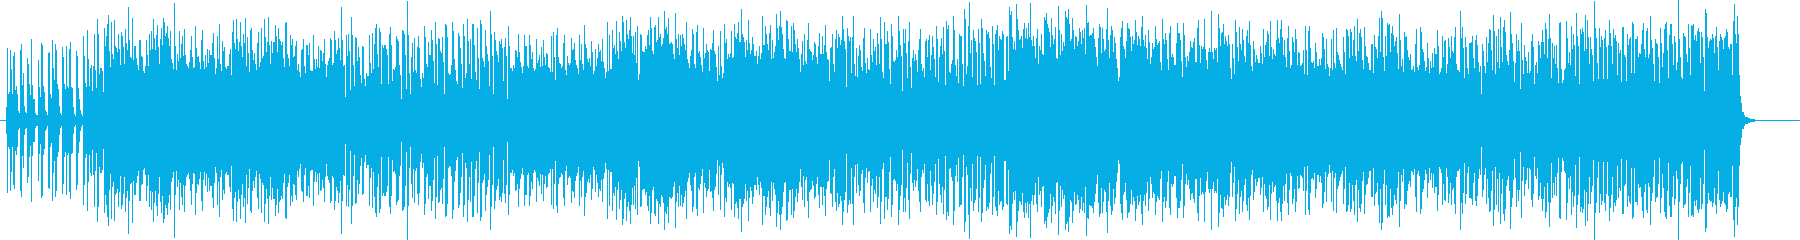 転がるようなノリでポップなシンセ曲の再生済みの波形